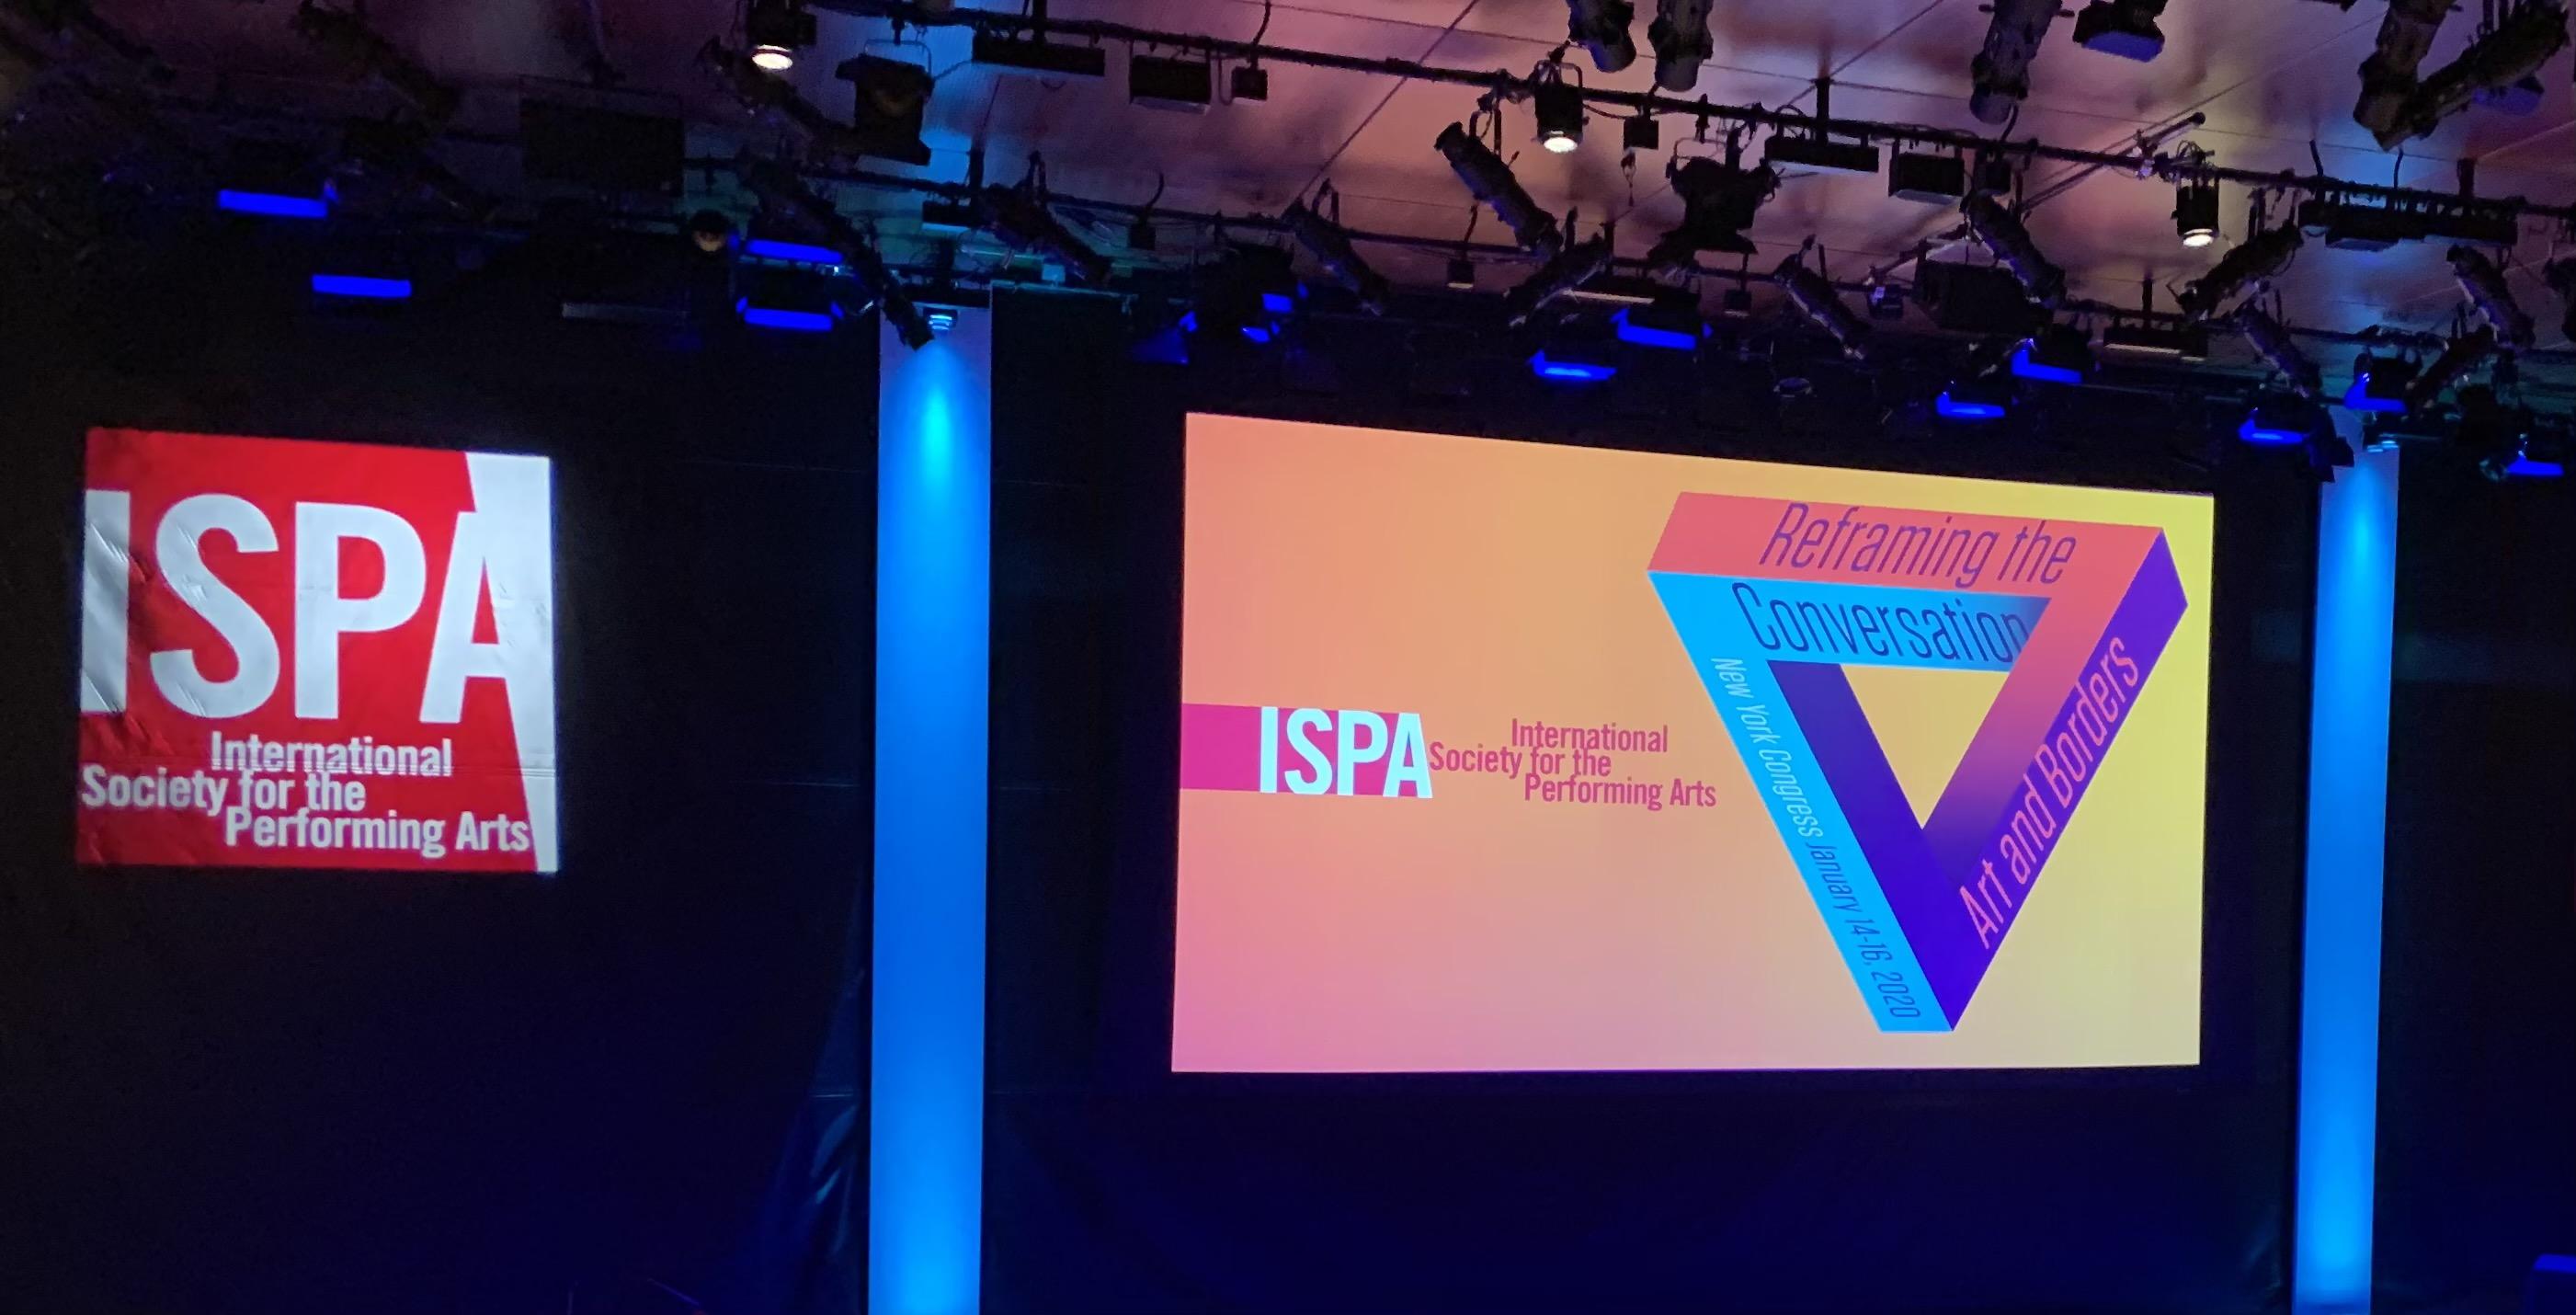 國際表演藝術協會ISPA甄選團隊「新作提案」 即日起至9月10日上網申請